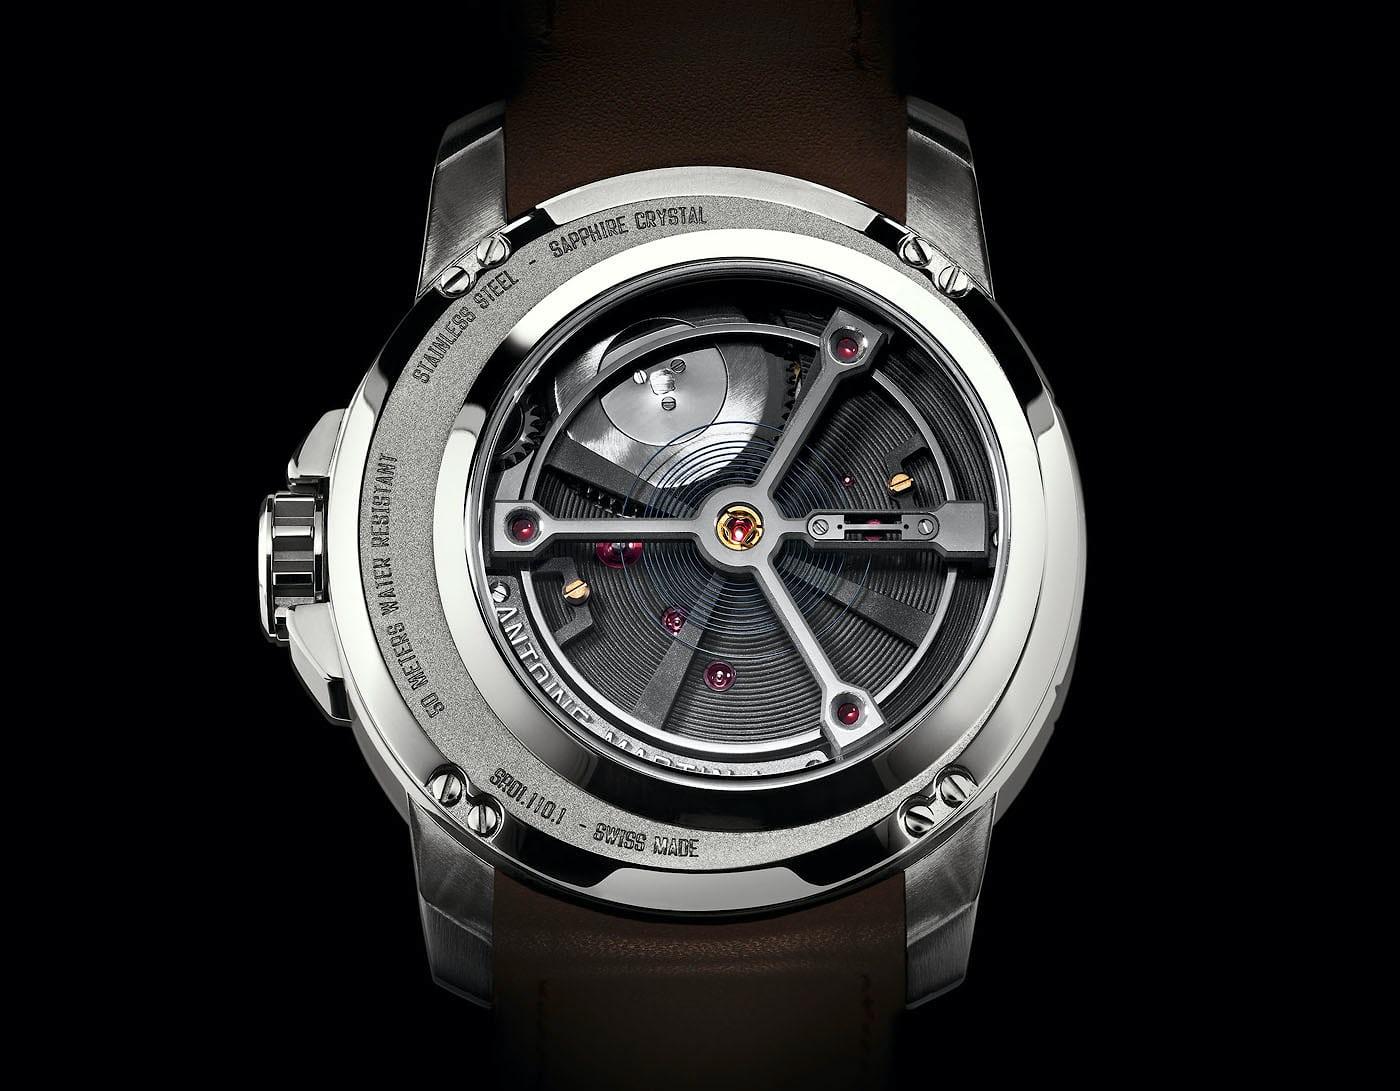 Η συχνότητα που παράγει το ρολόϊ μου επηρεάζει τον οργανισμό μου; - Προτάσεις για επιλογή ρολογιού